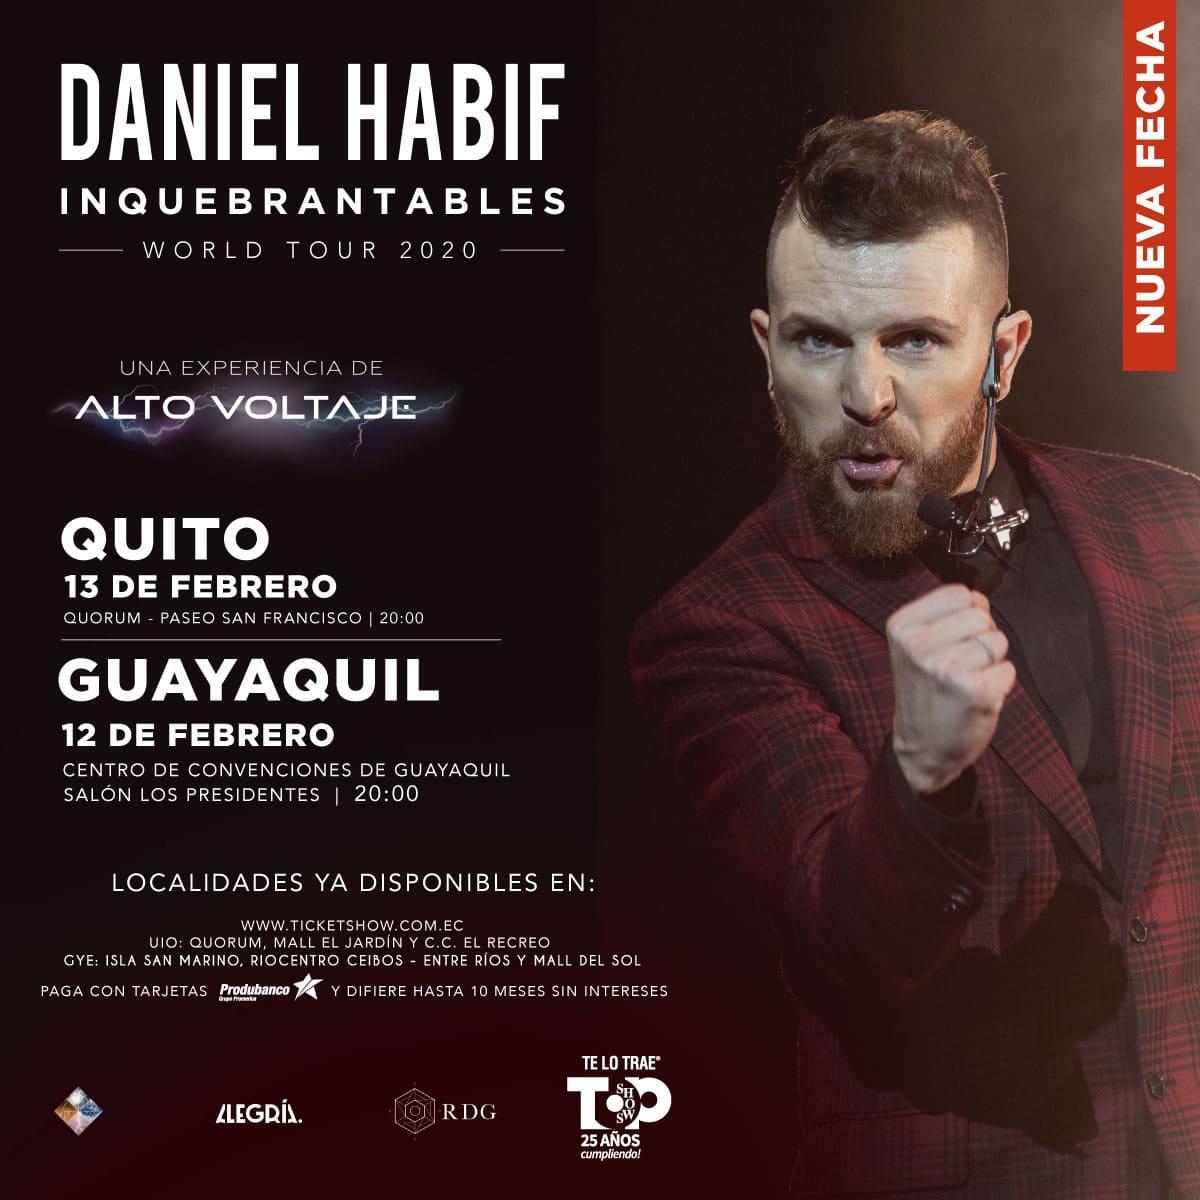 DANIEL HABIF CONFERENCISTA E INFLUENCIADORES YA SE ENCUENTRA EN EL PAÍS